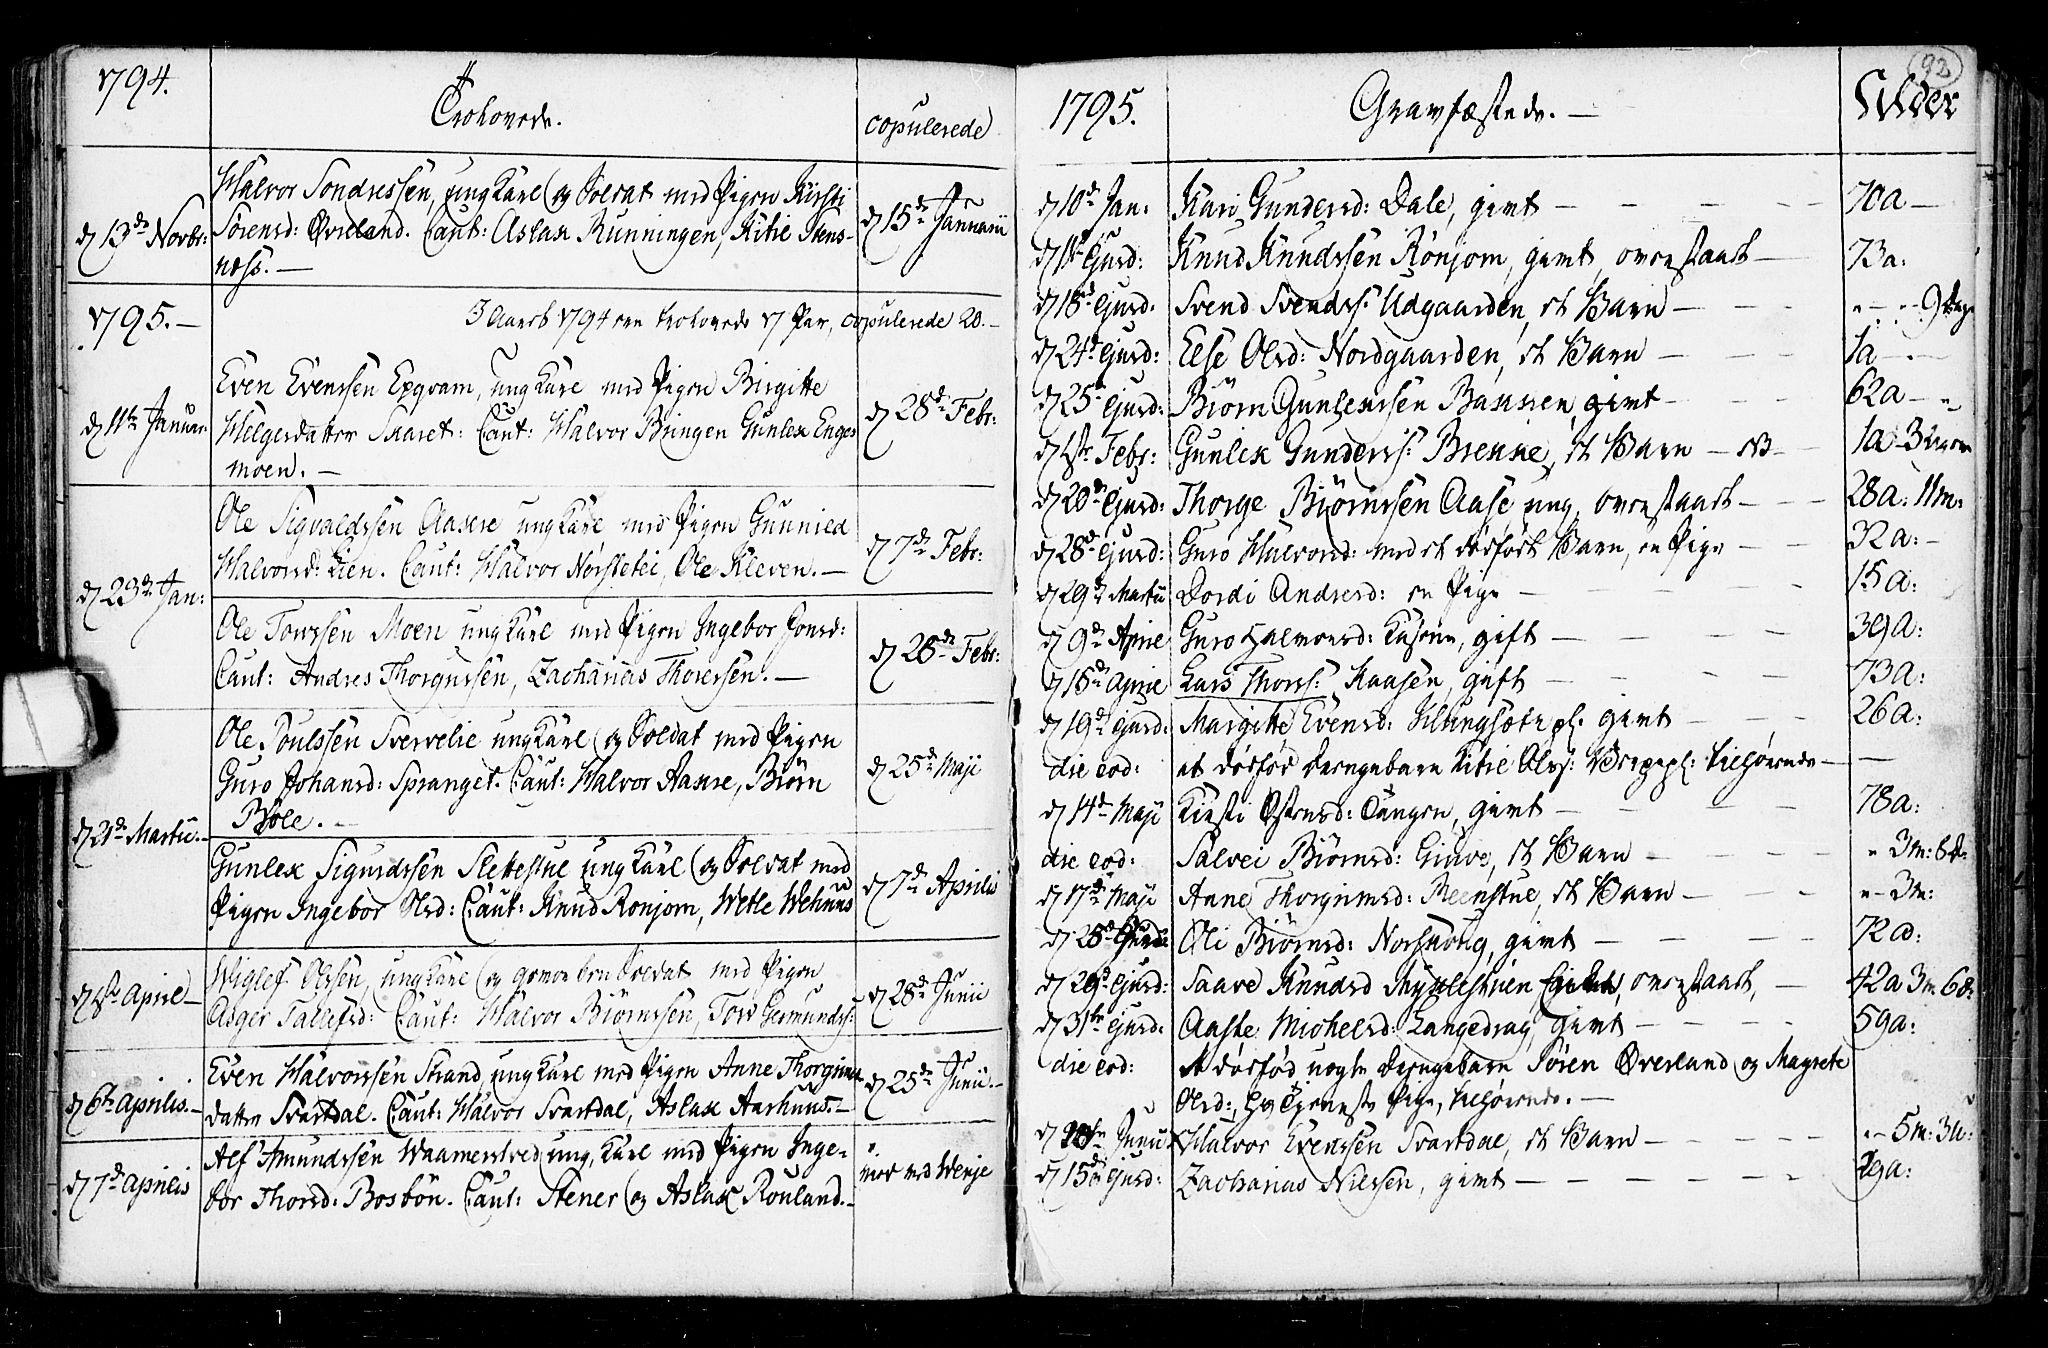 SAKO, Seljord kirkebøker, F/Fa/L0008: Ministerialbok nr. I 8, 1755-1814, s. 92